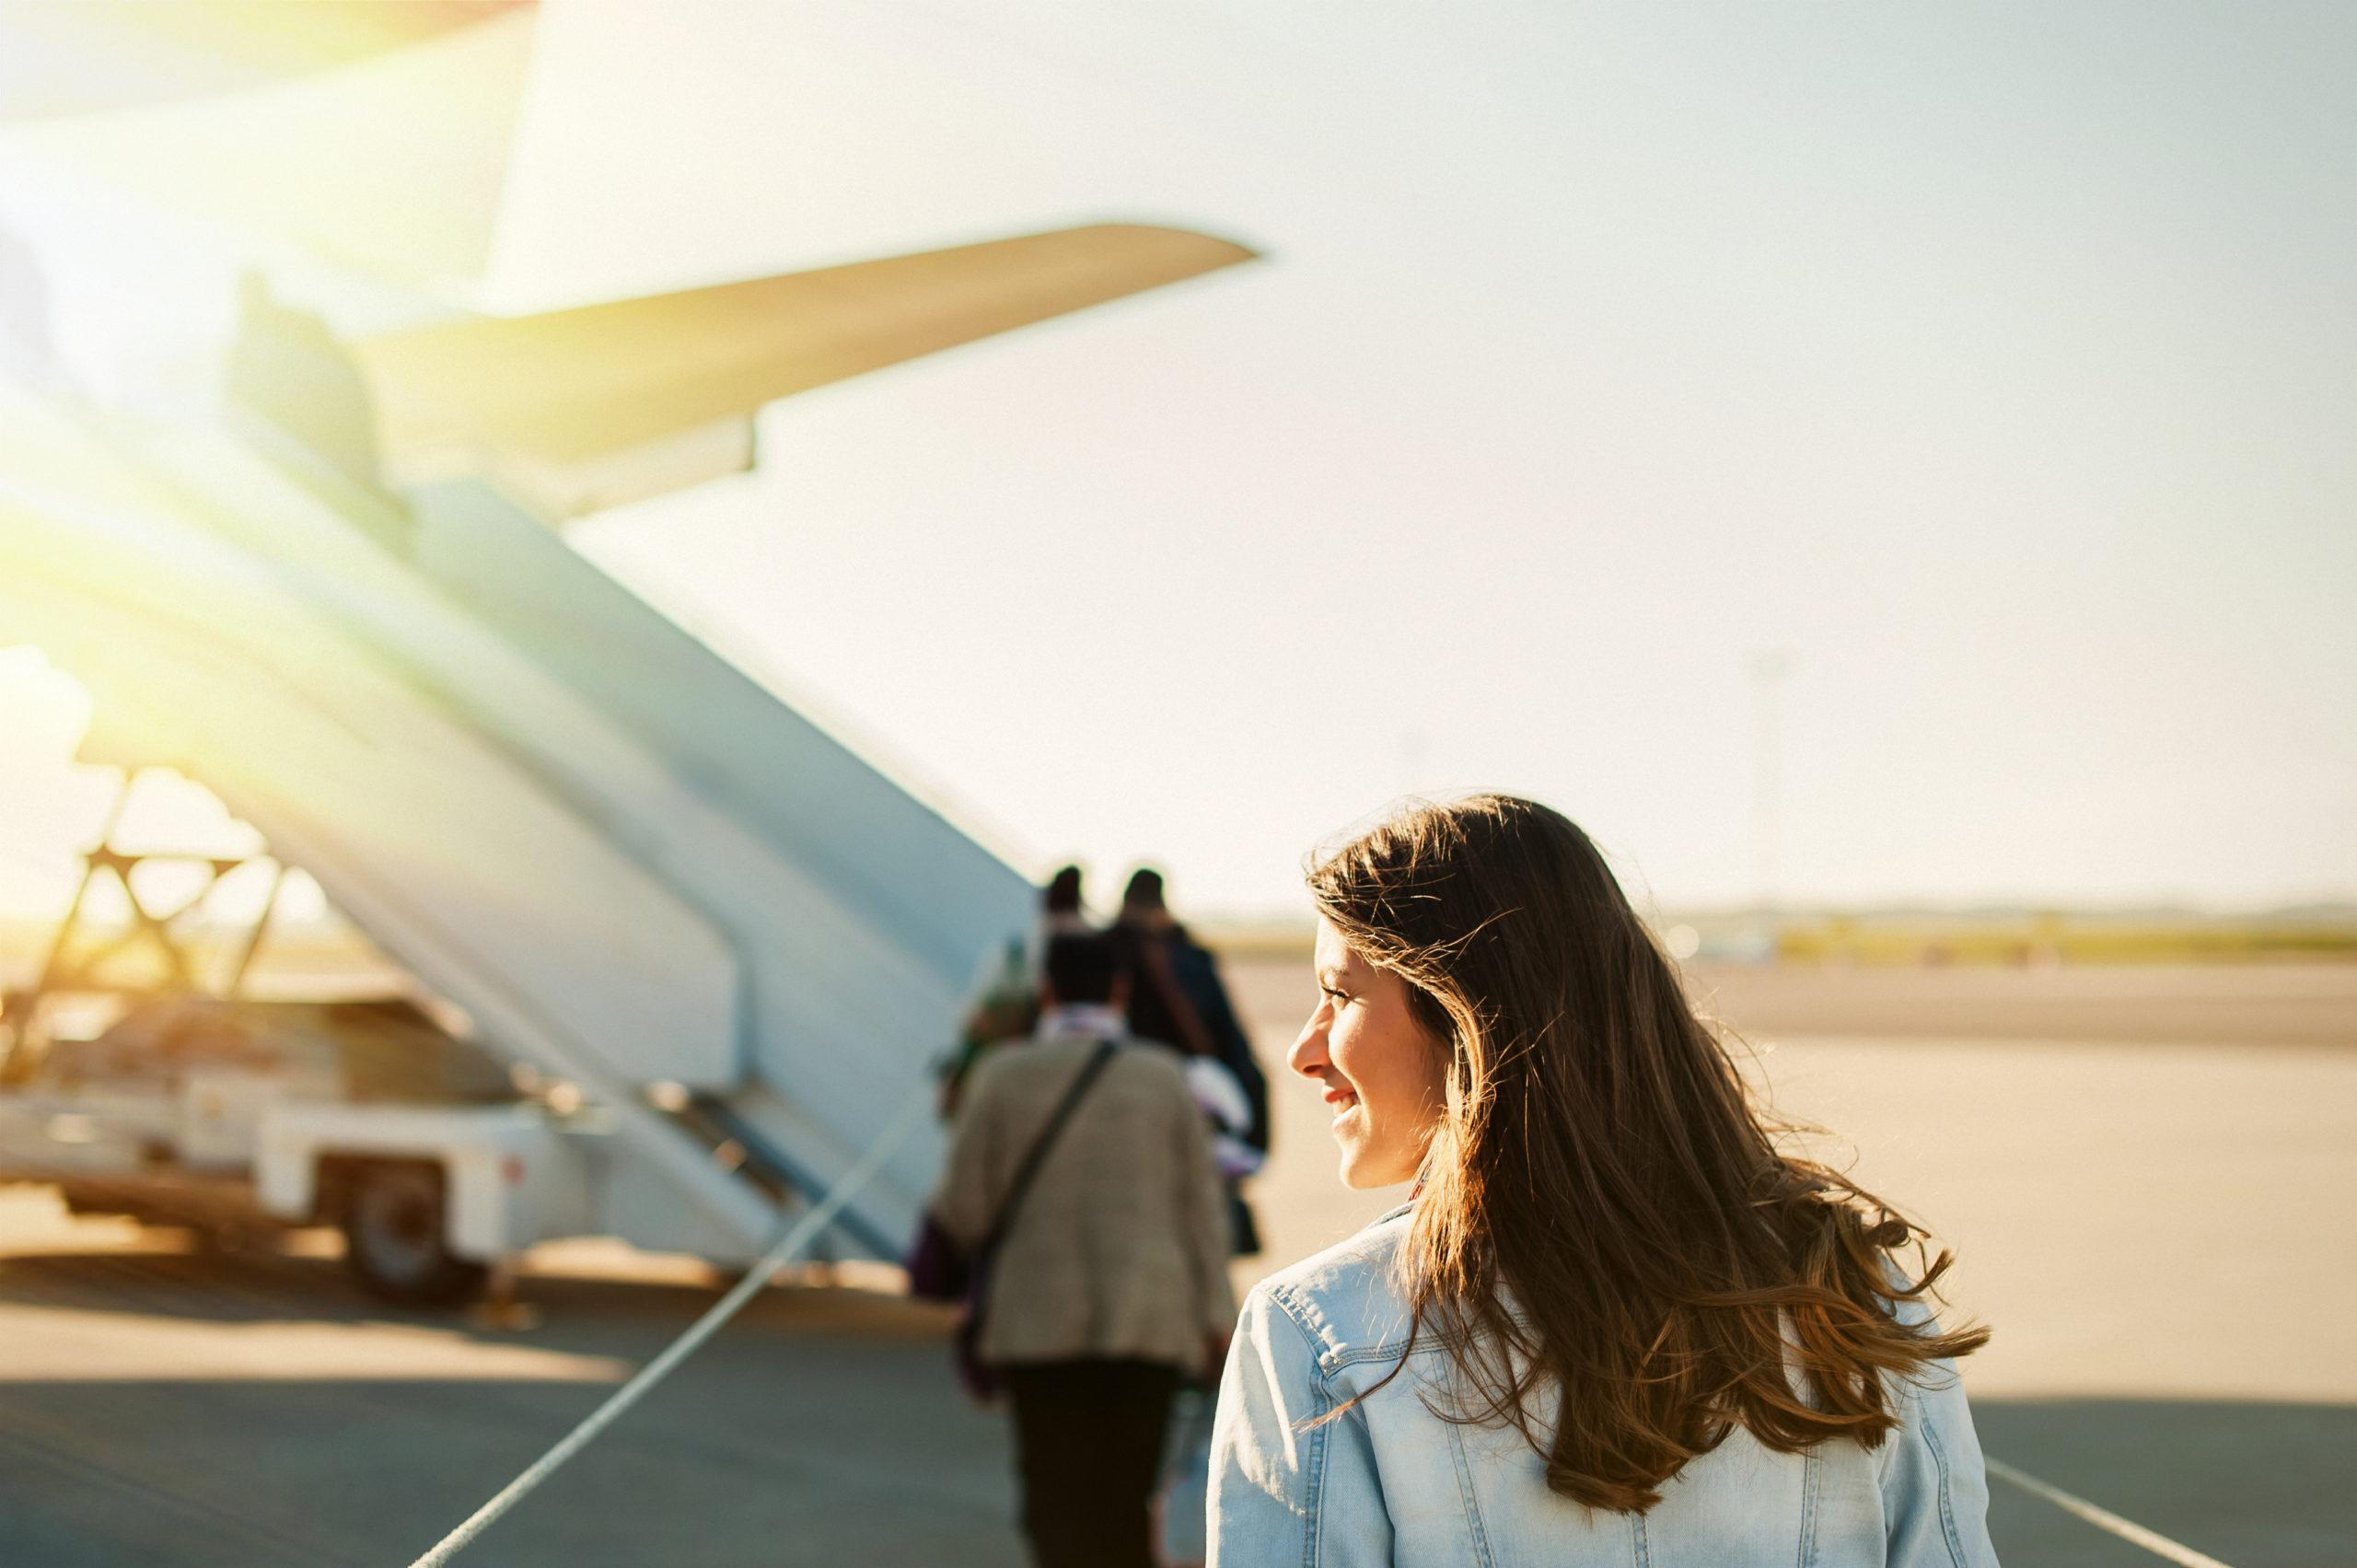 woman boarding a plane